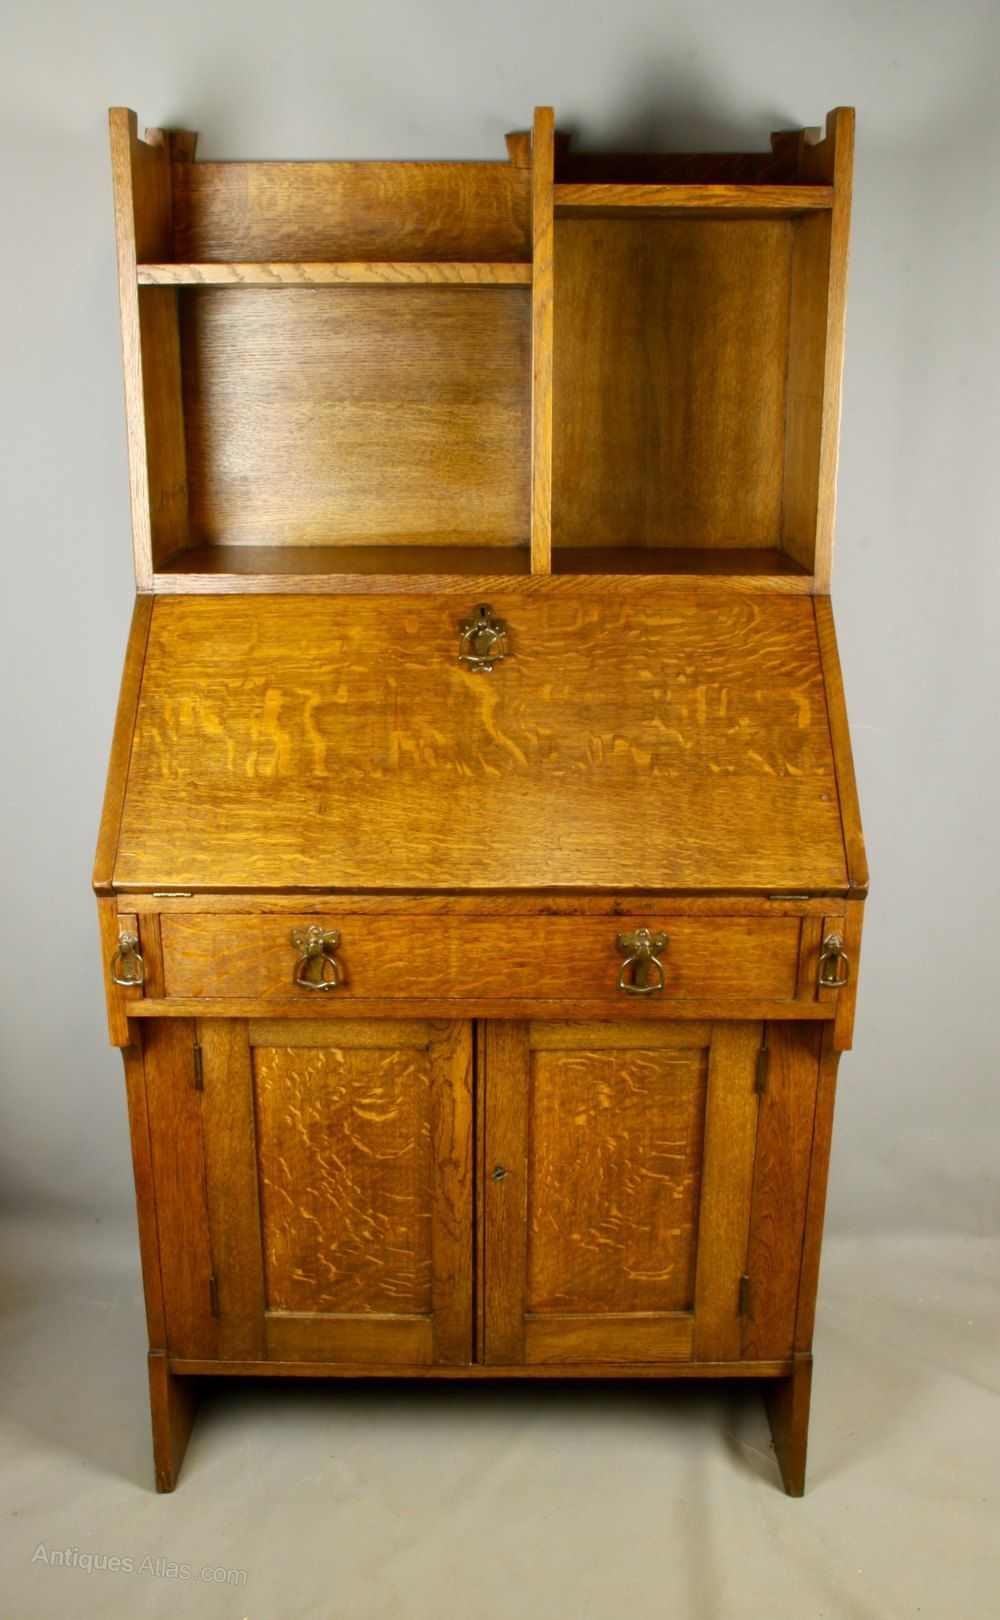 Liberty Arts & Crafts Oak Bureau, C1900 - Antiques Atlas ...